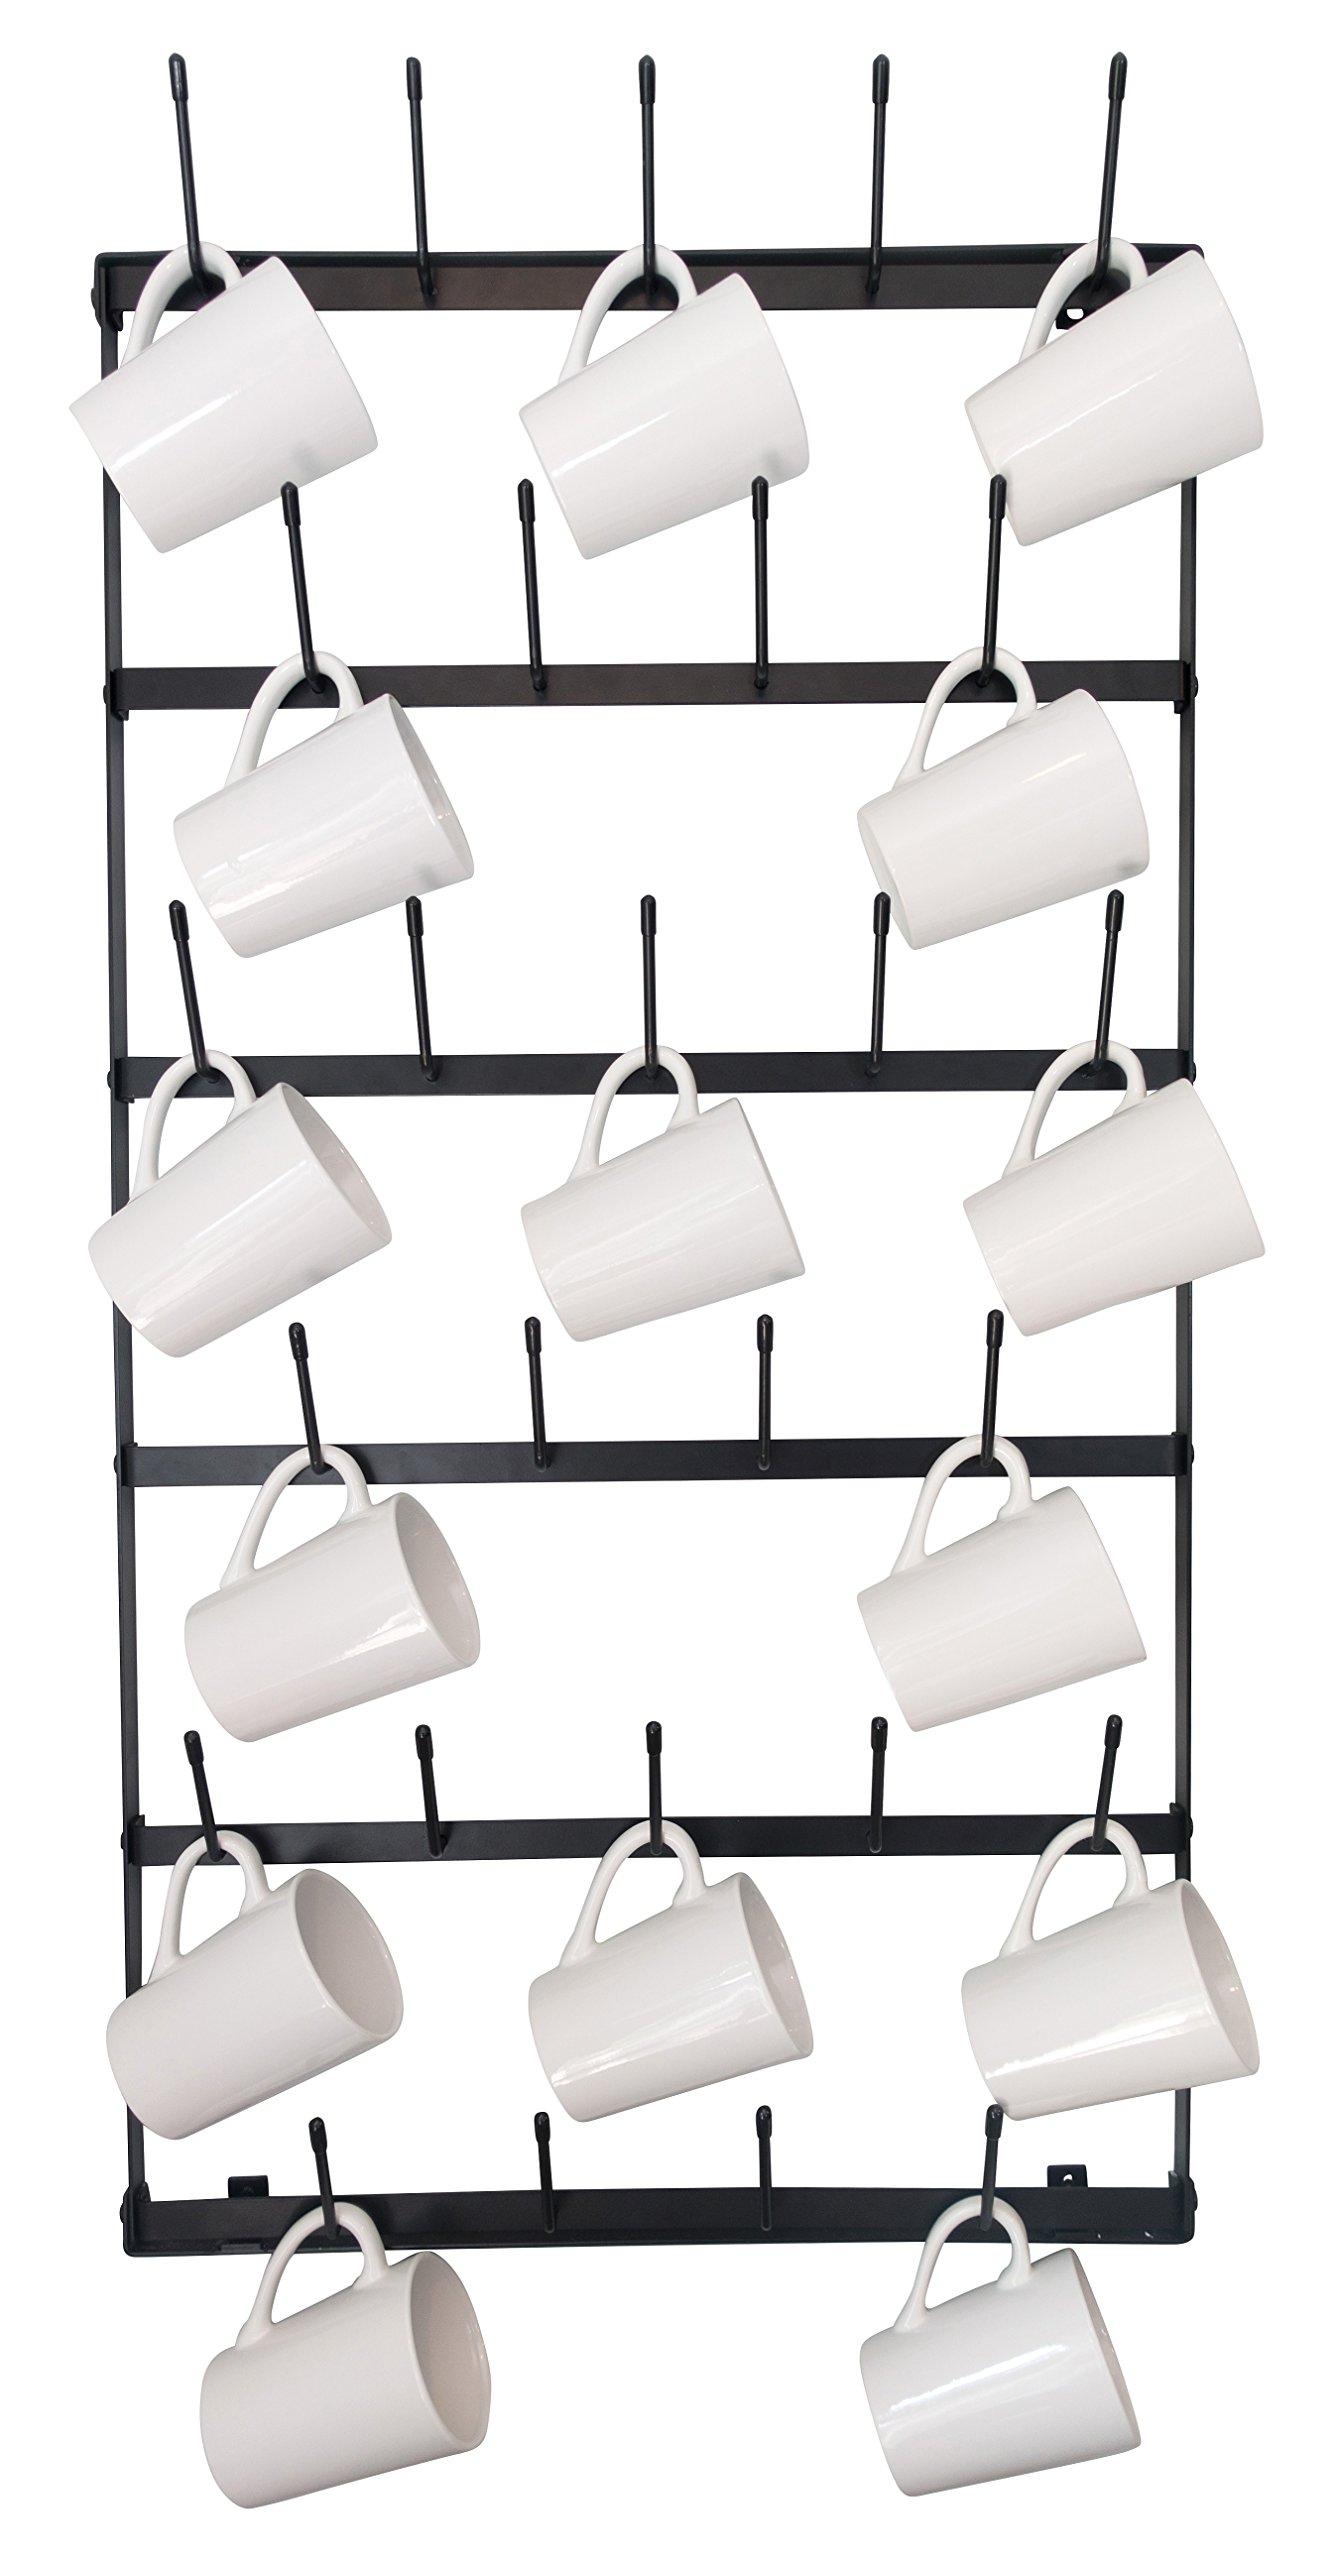 Wall Mounted Mug Rack - 6 Row Metal Storage Display Organizer For Coffee Mugs, Tea Cups, Mason Jars, and More.